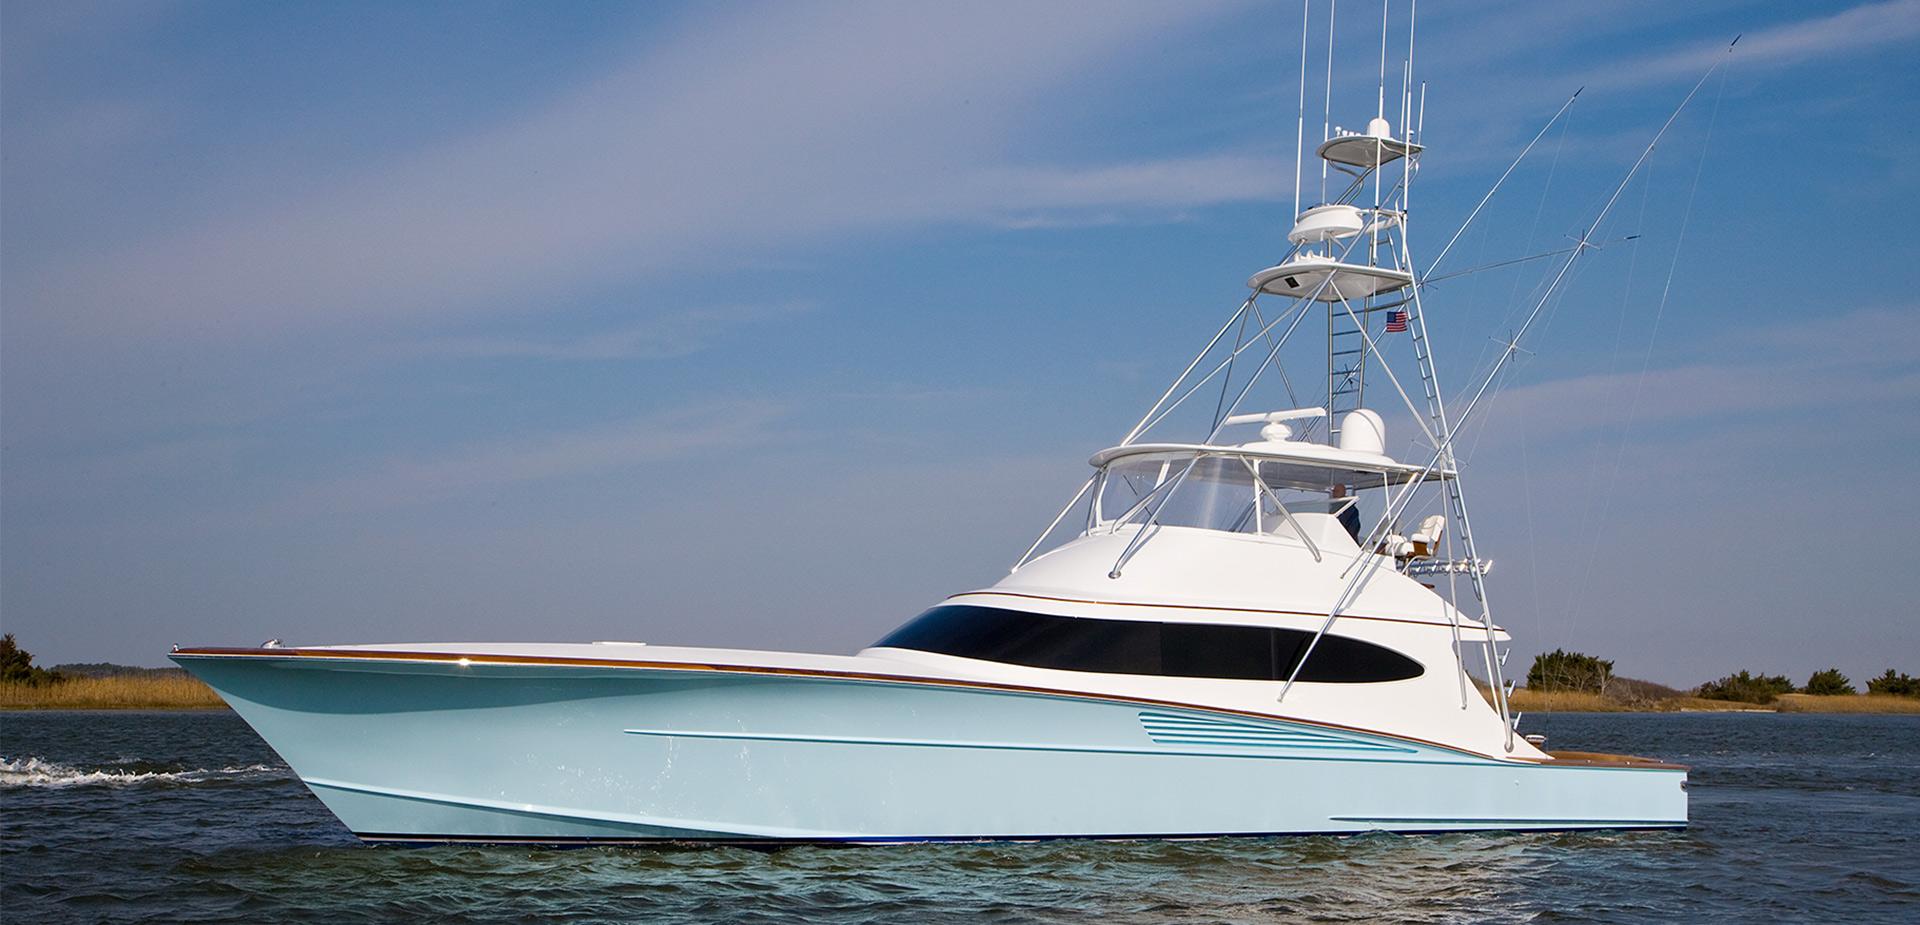 Bayliss 67 Stacked Up Custom Sportfishing Boat